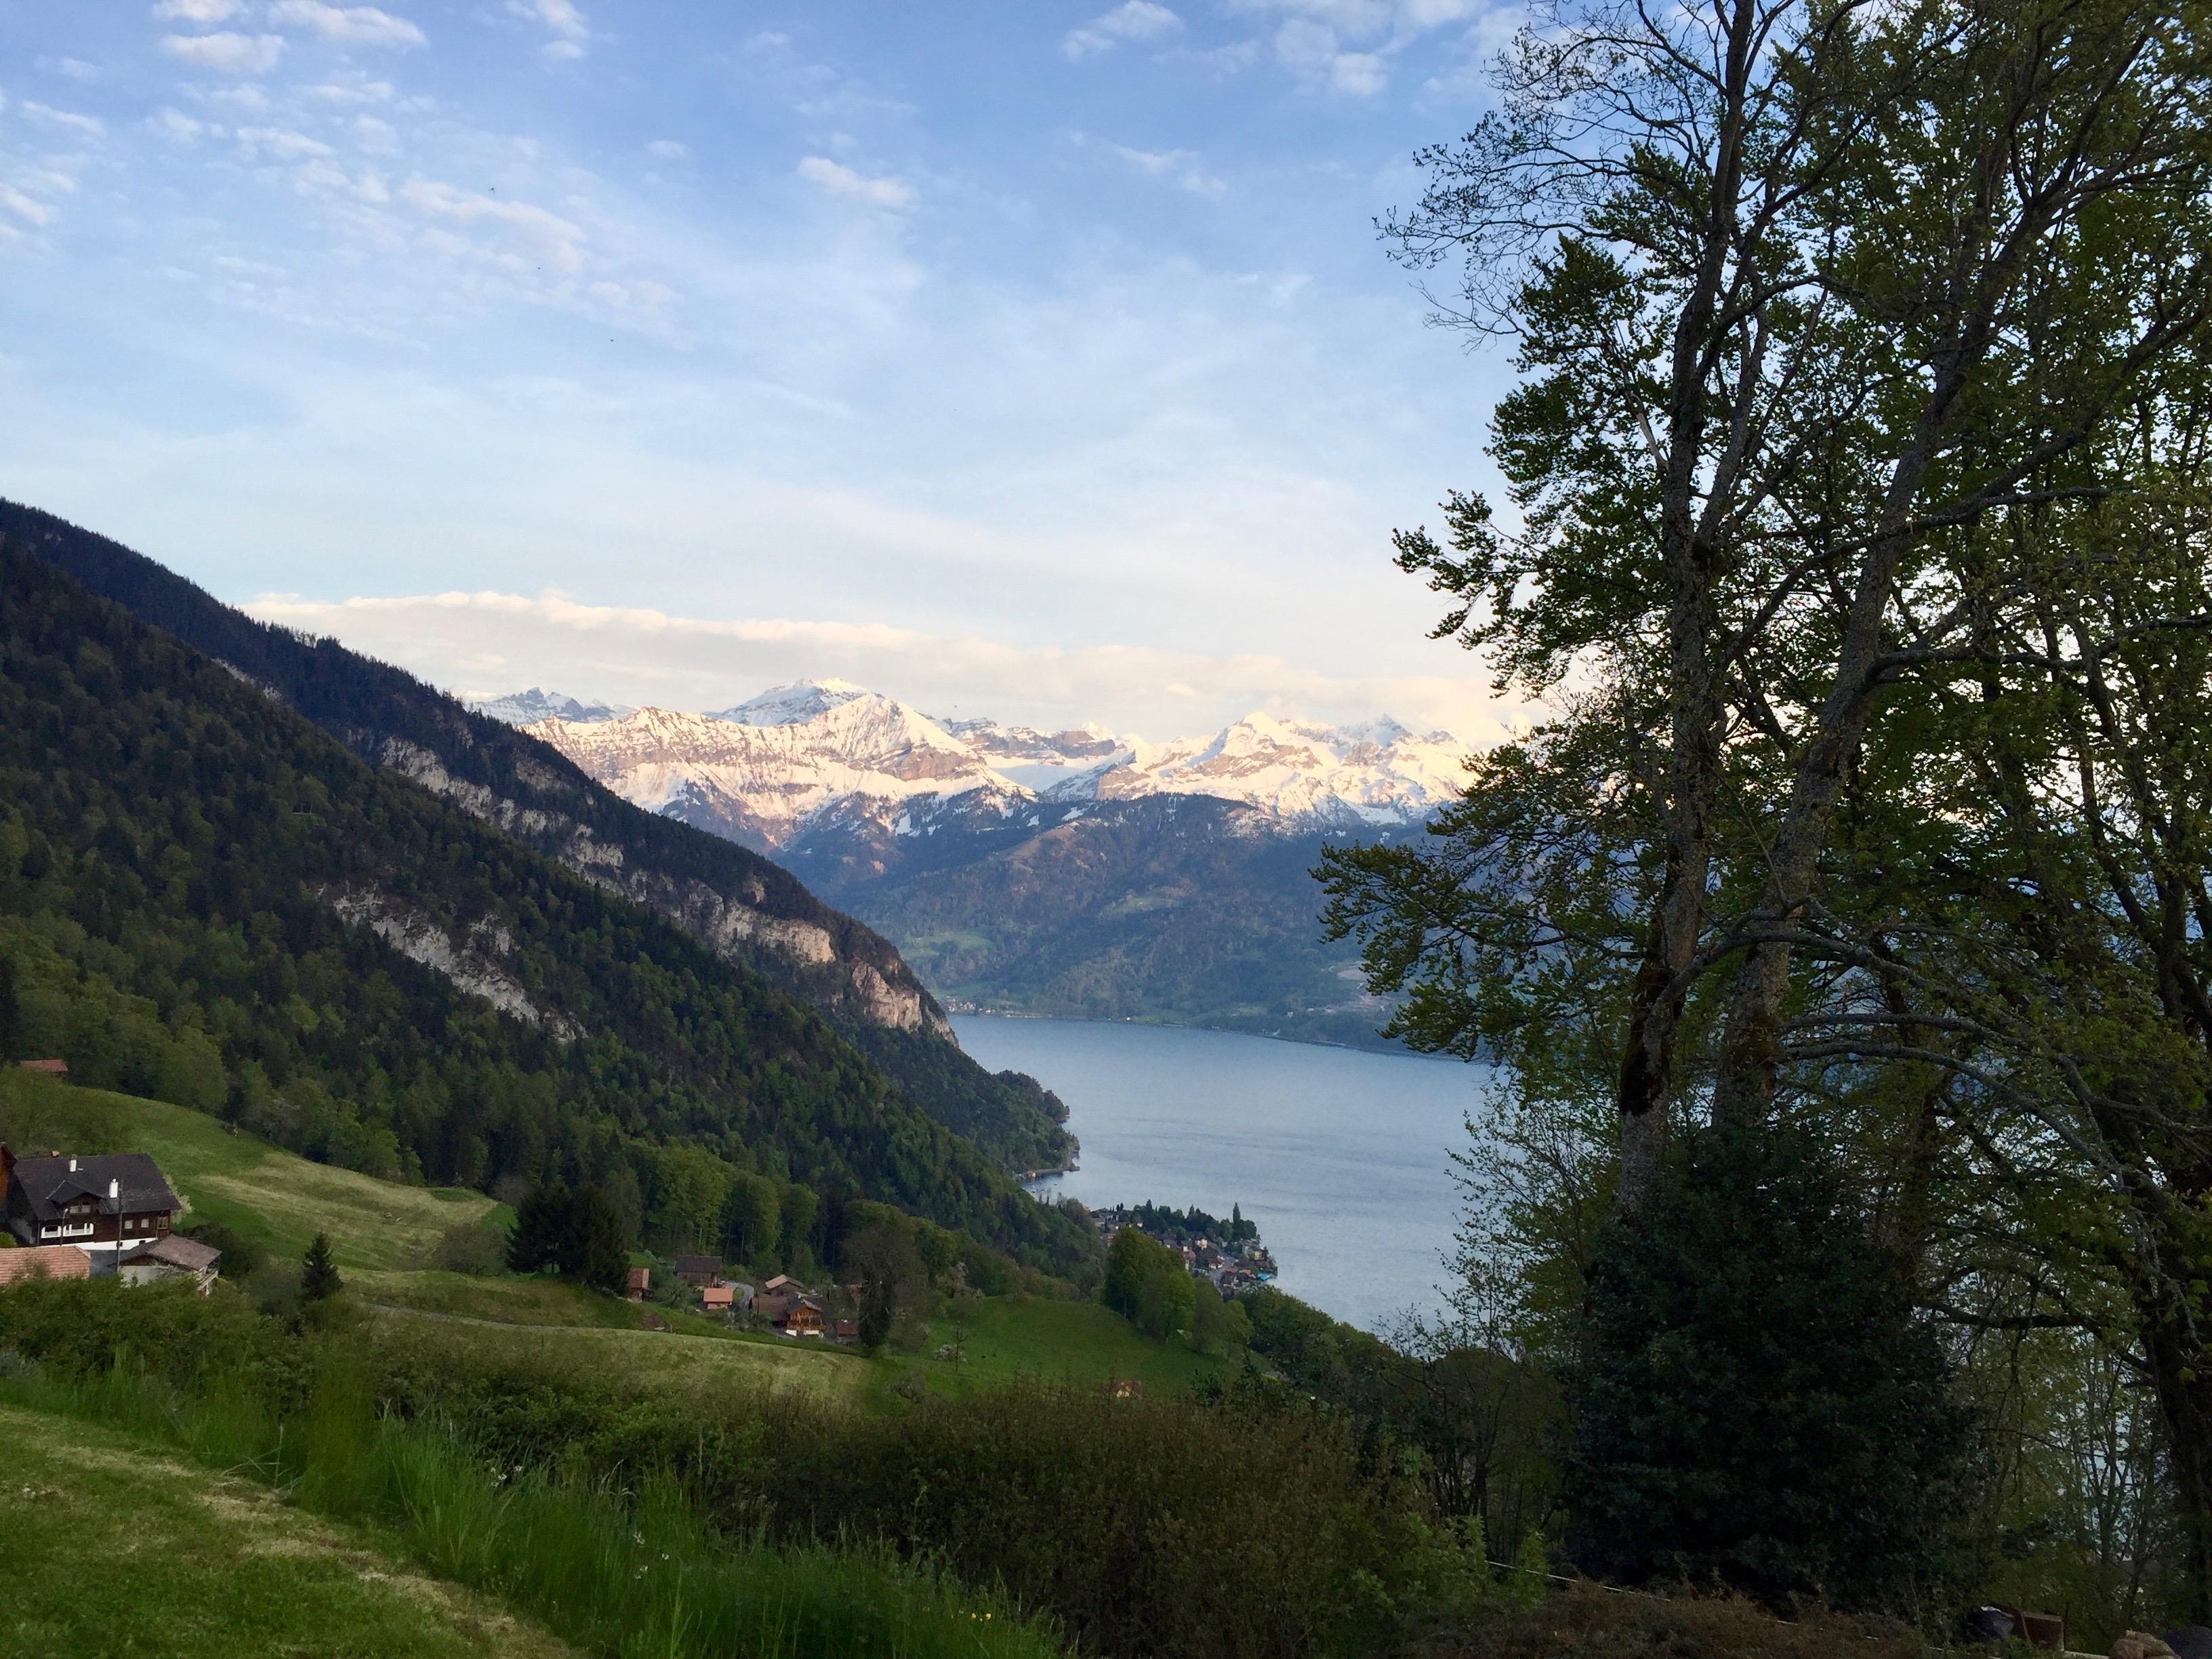 Blick gen Süden auf den See mit verschneiten Bergen